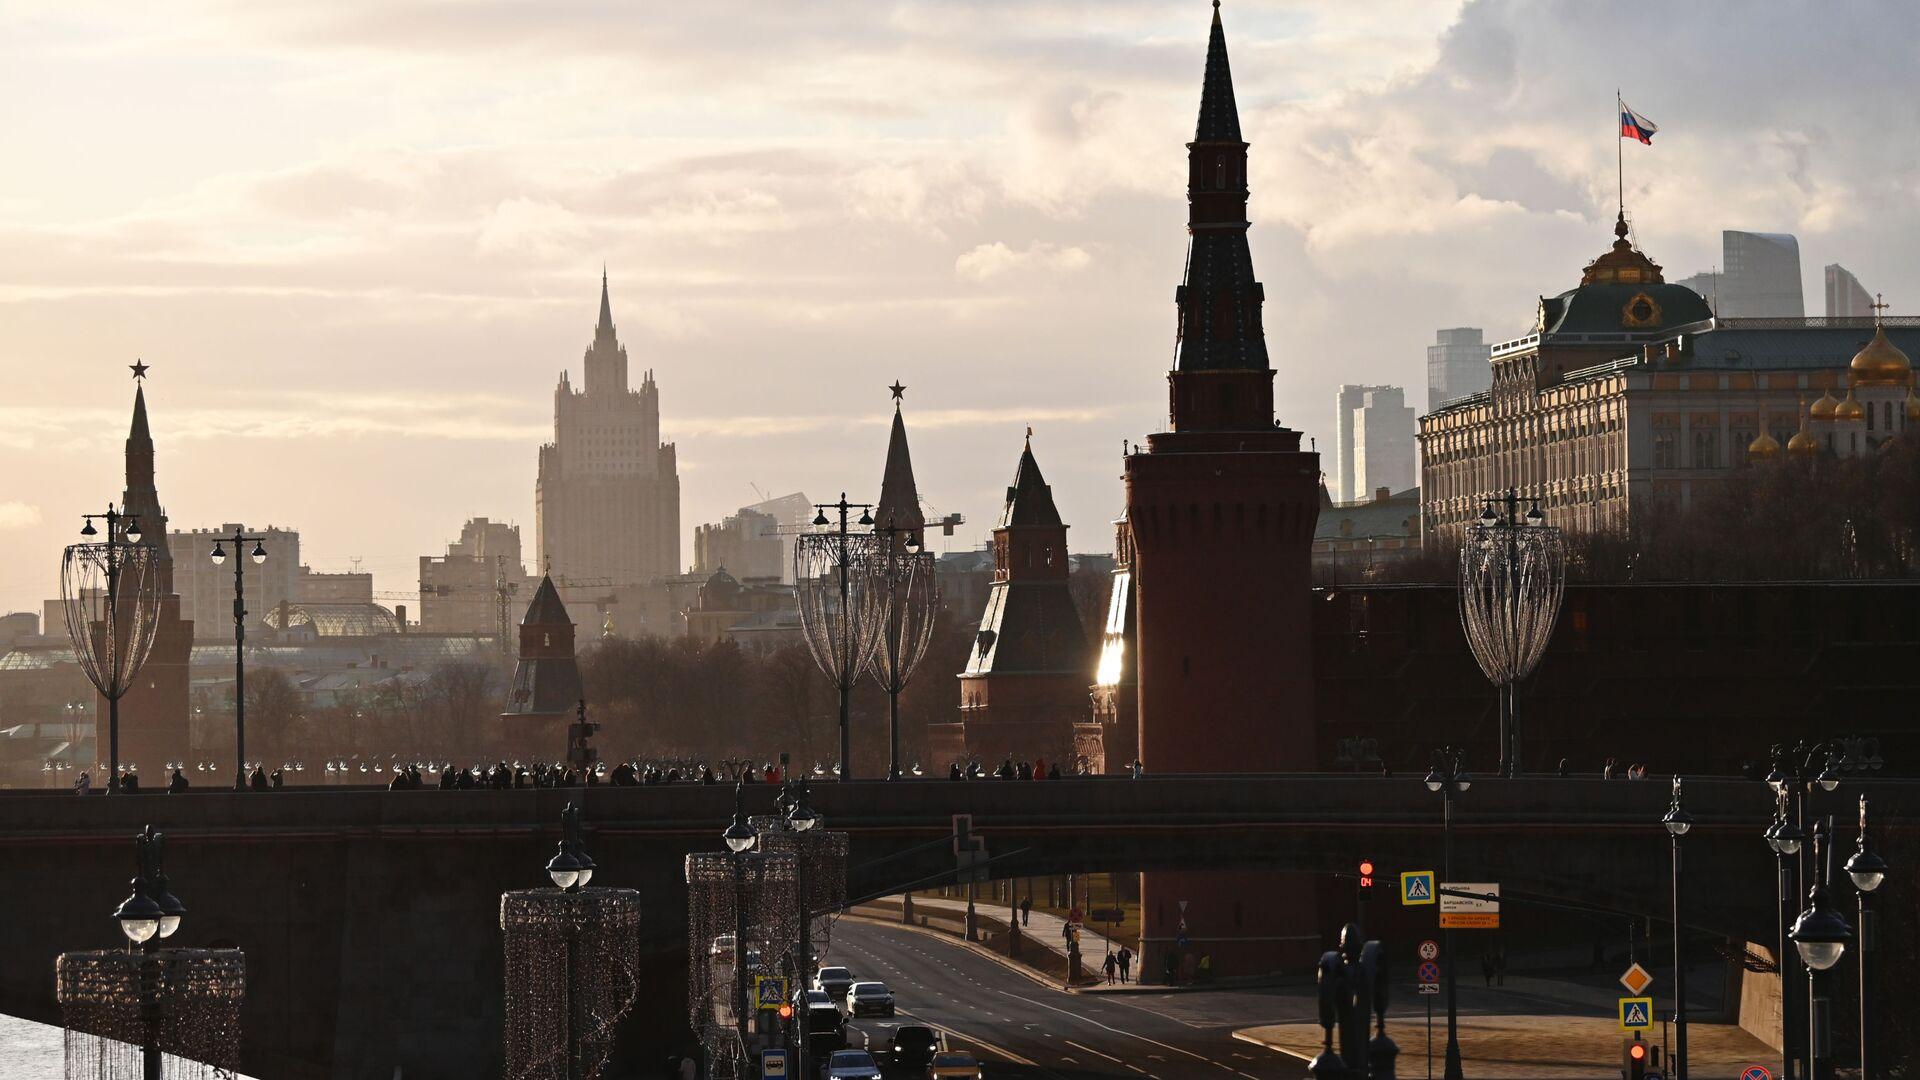 El Kremlin y el Ministerio de Exteriores de Rusia en Moscú - Sputnik Mundo, 1920, 12.03.2021